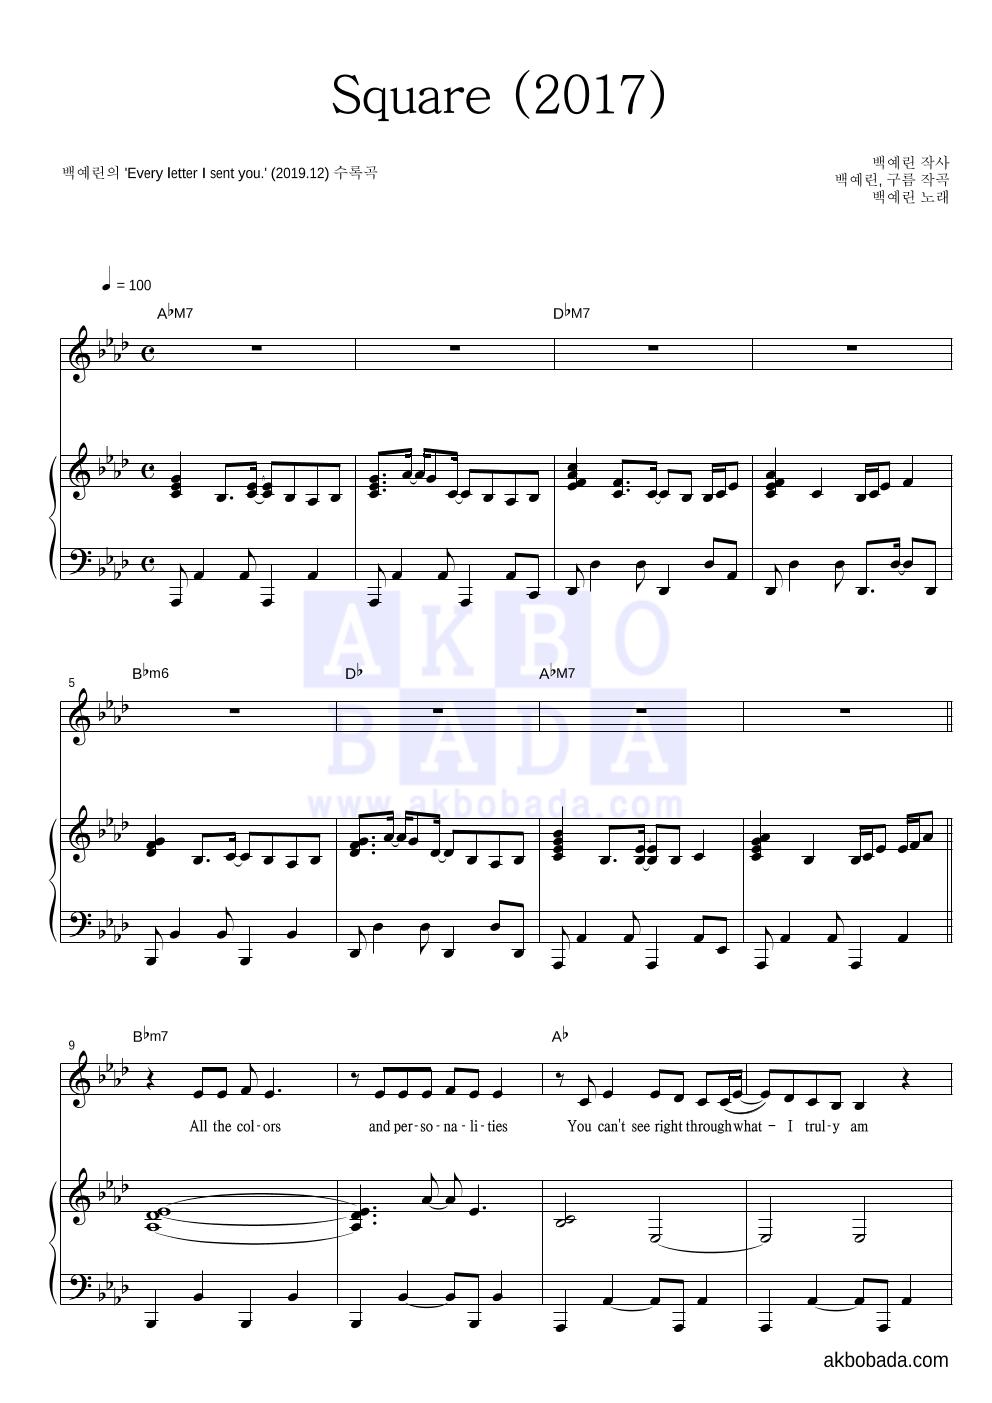 백예린(15&) Square(2017) 피아노3단 악보